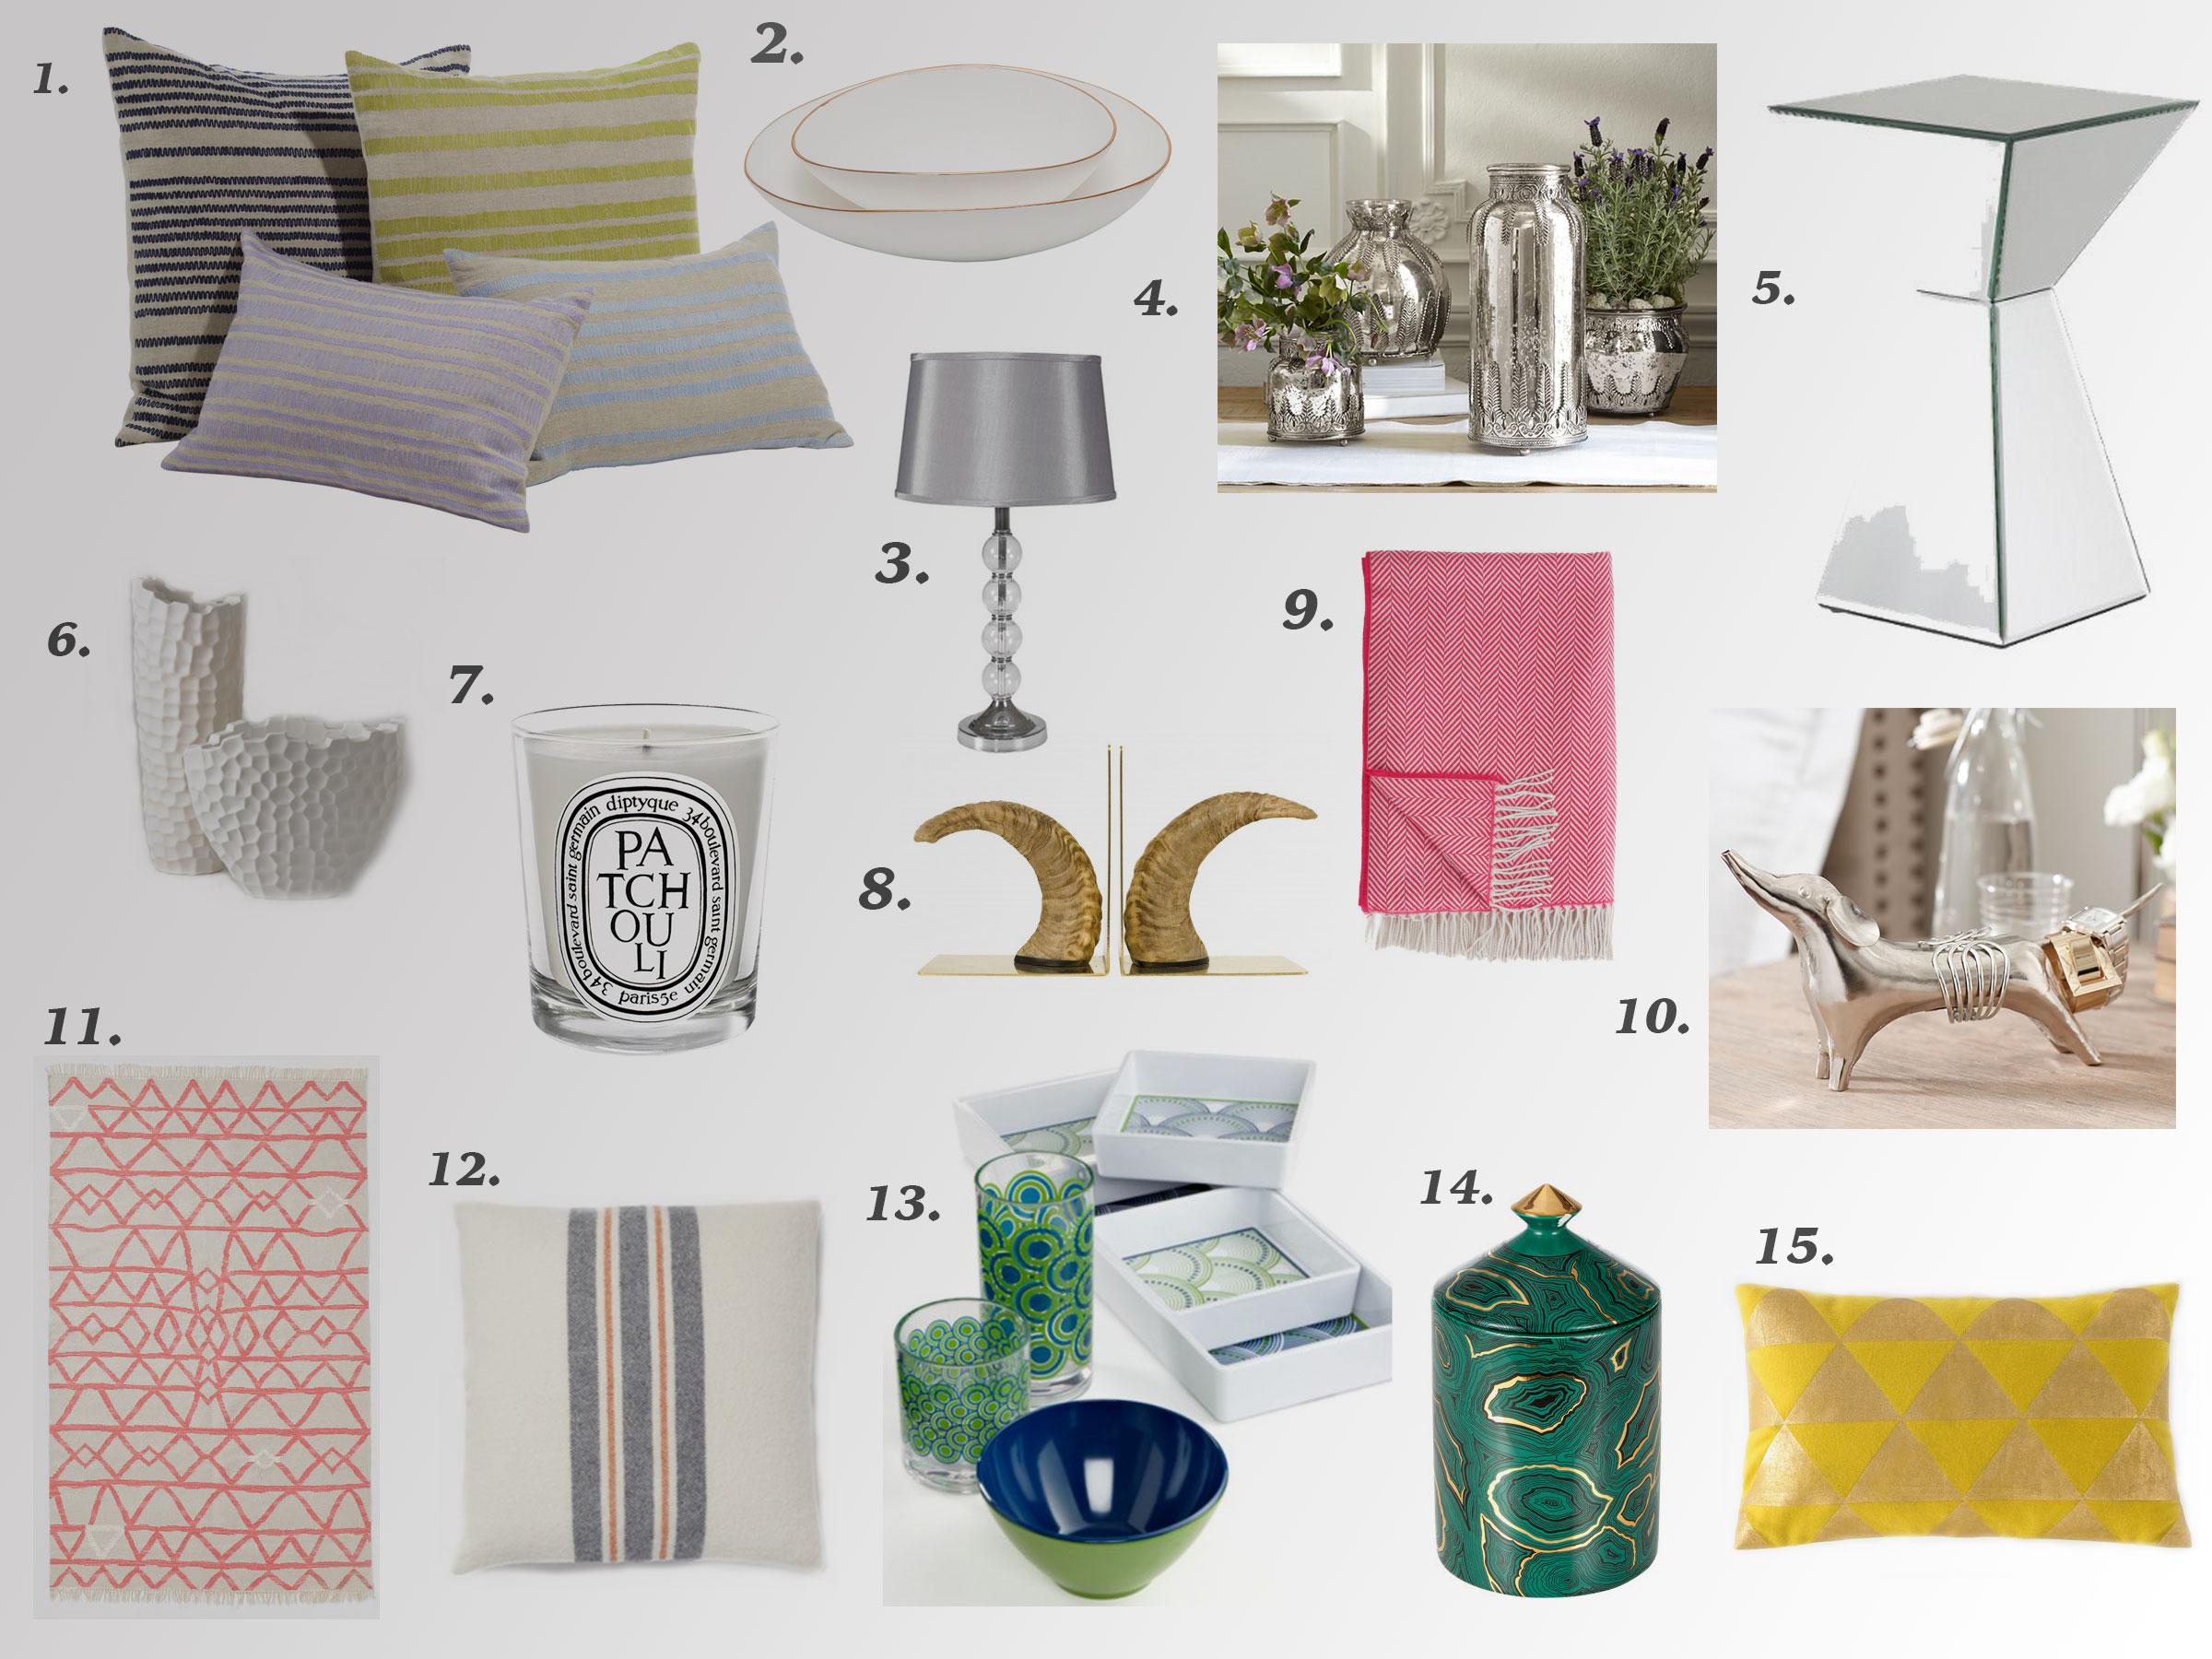 Gift_guide_home_decor.jpg